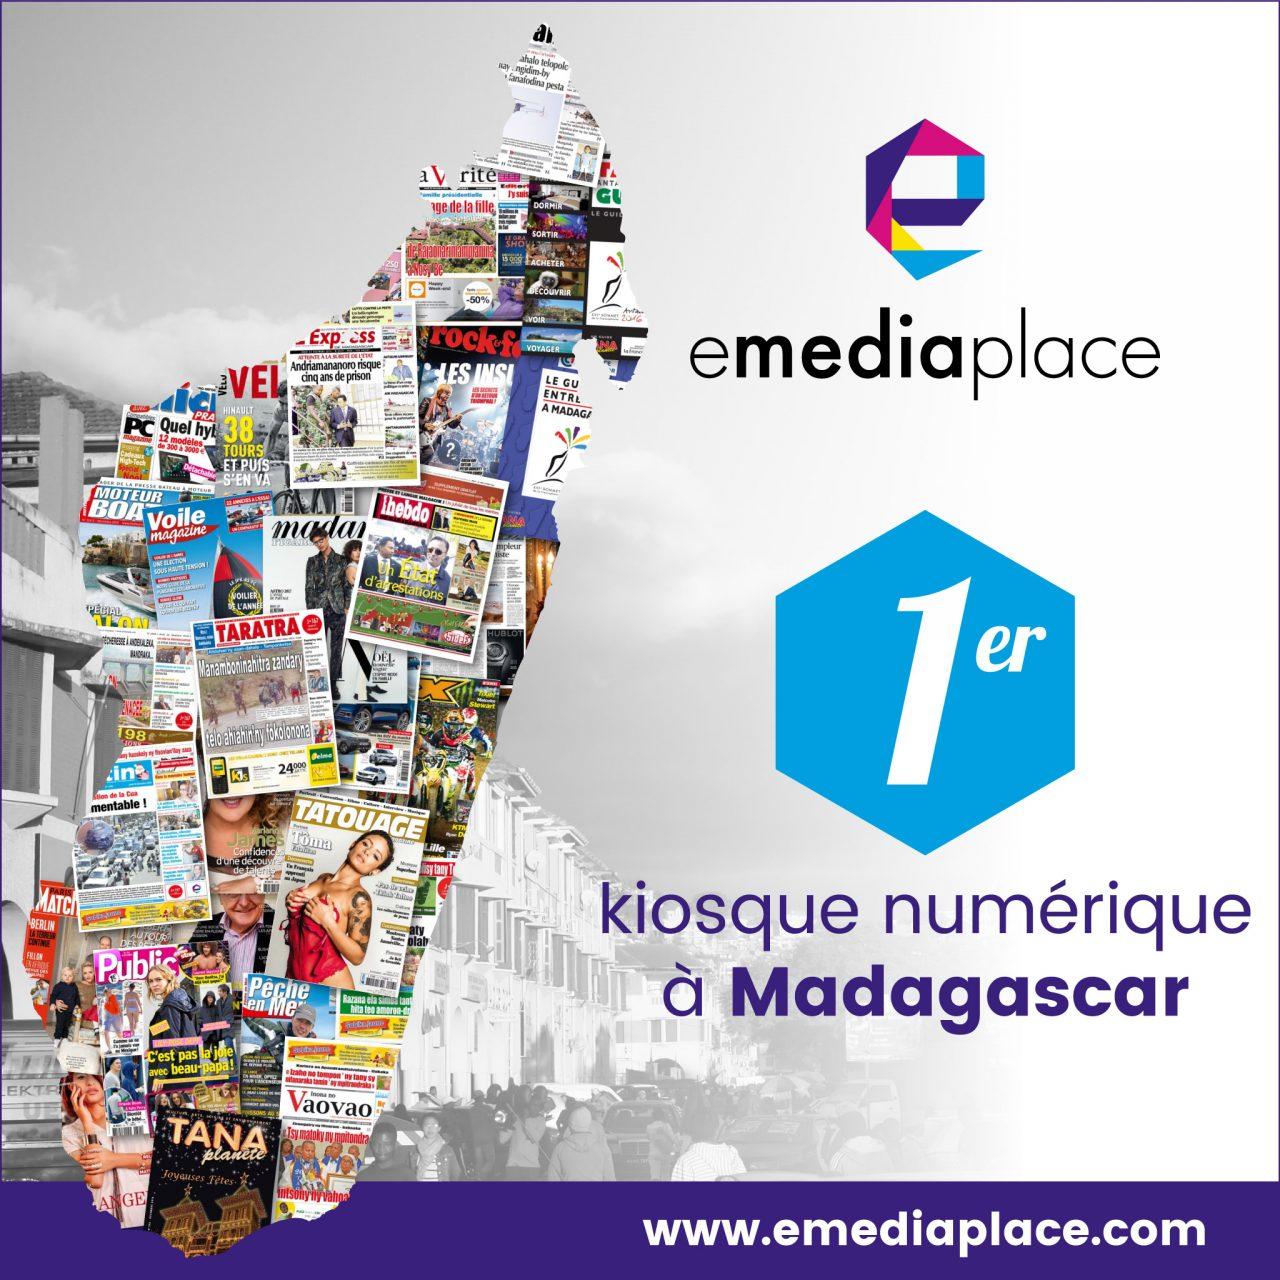 emediaplace premier kiosque numérique madagascar